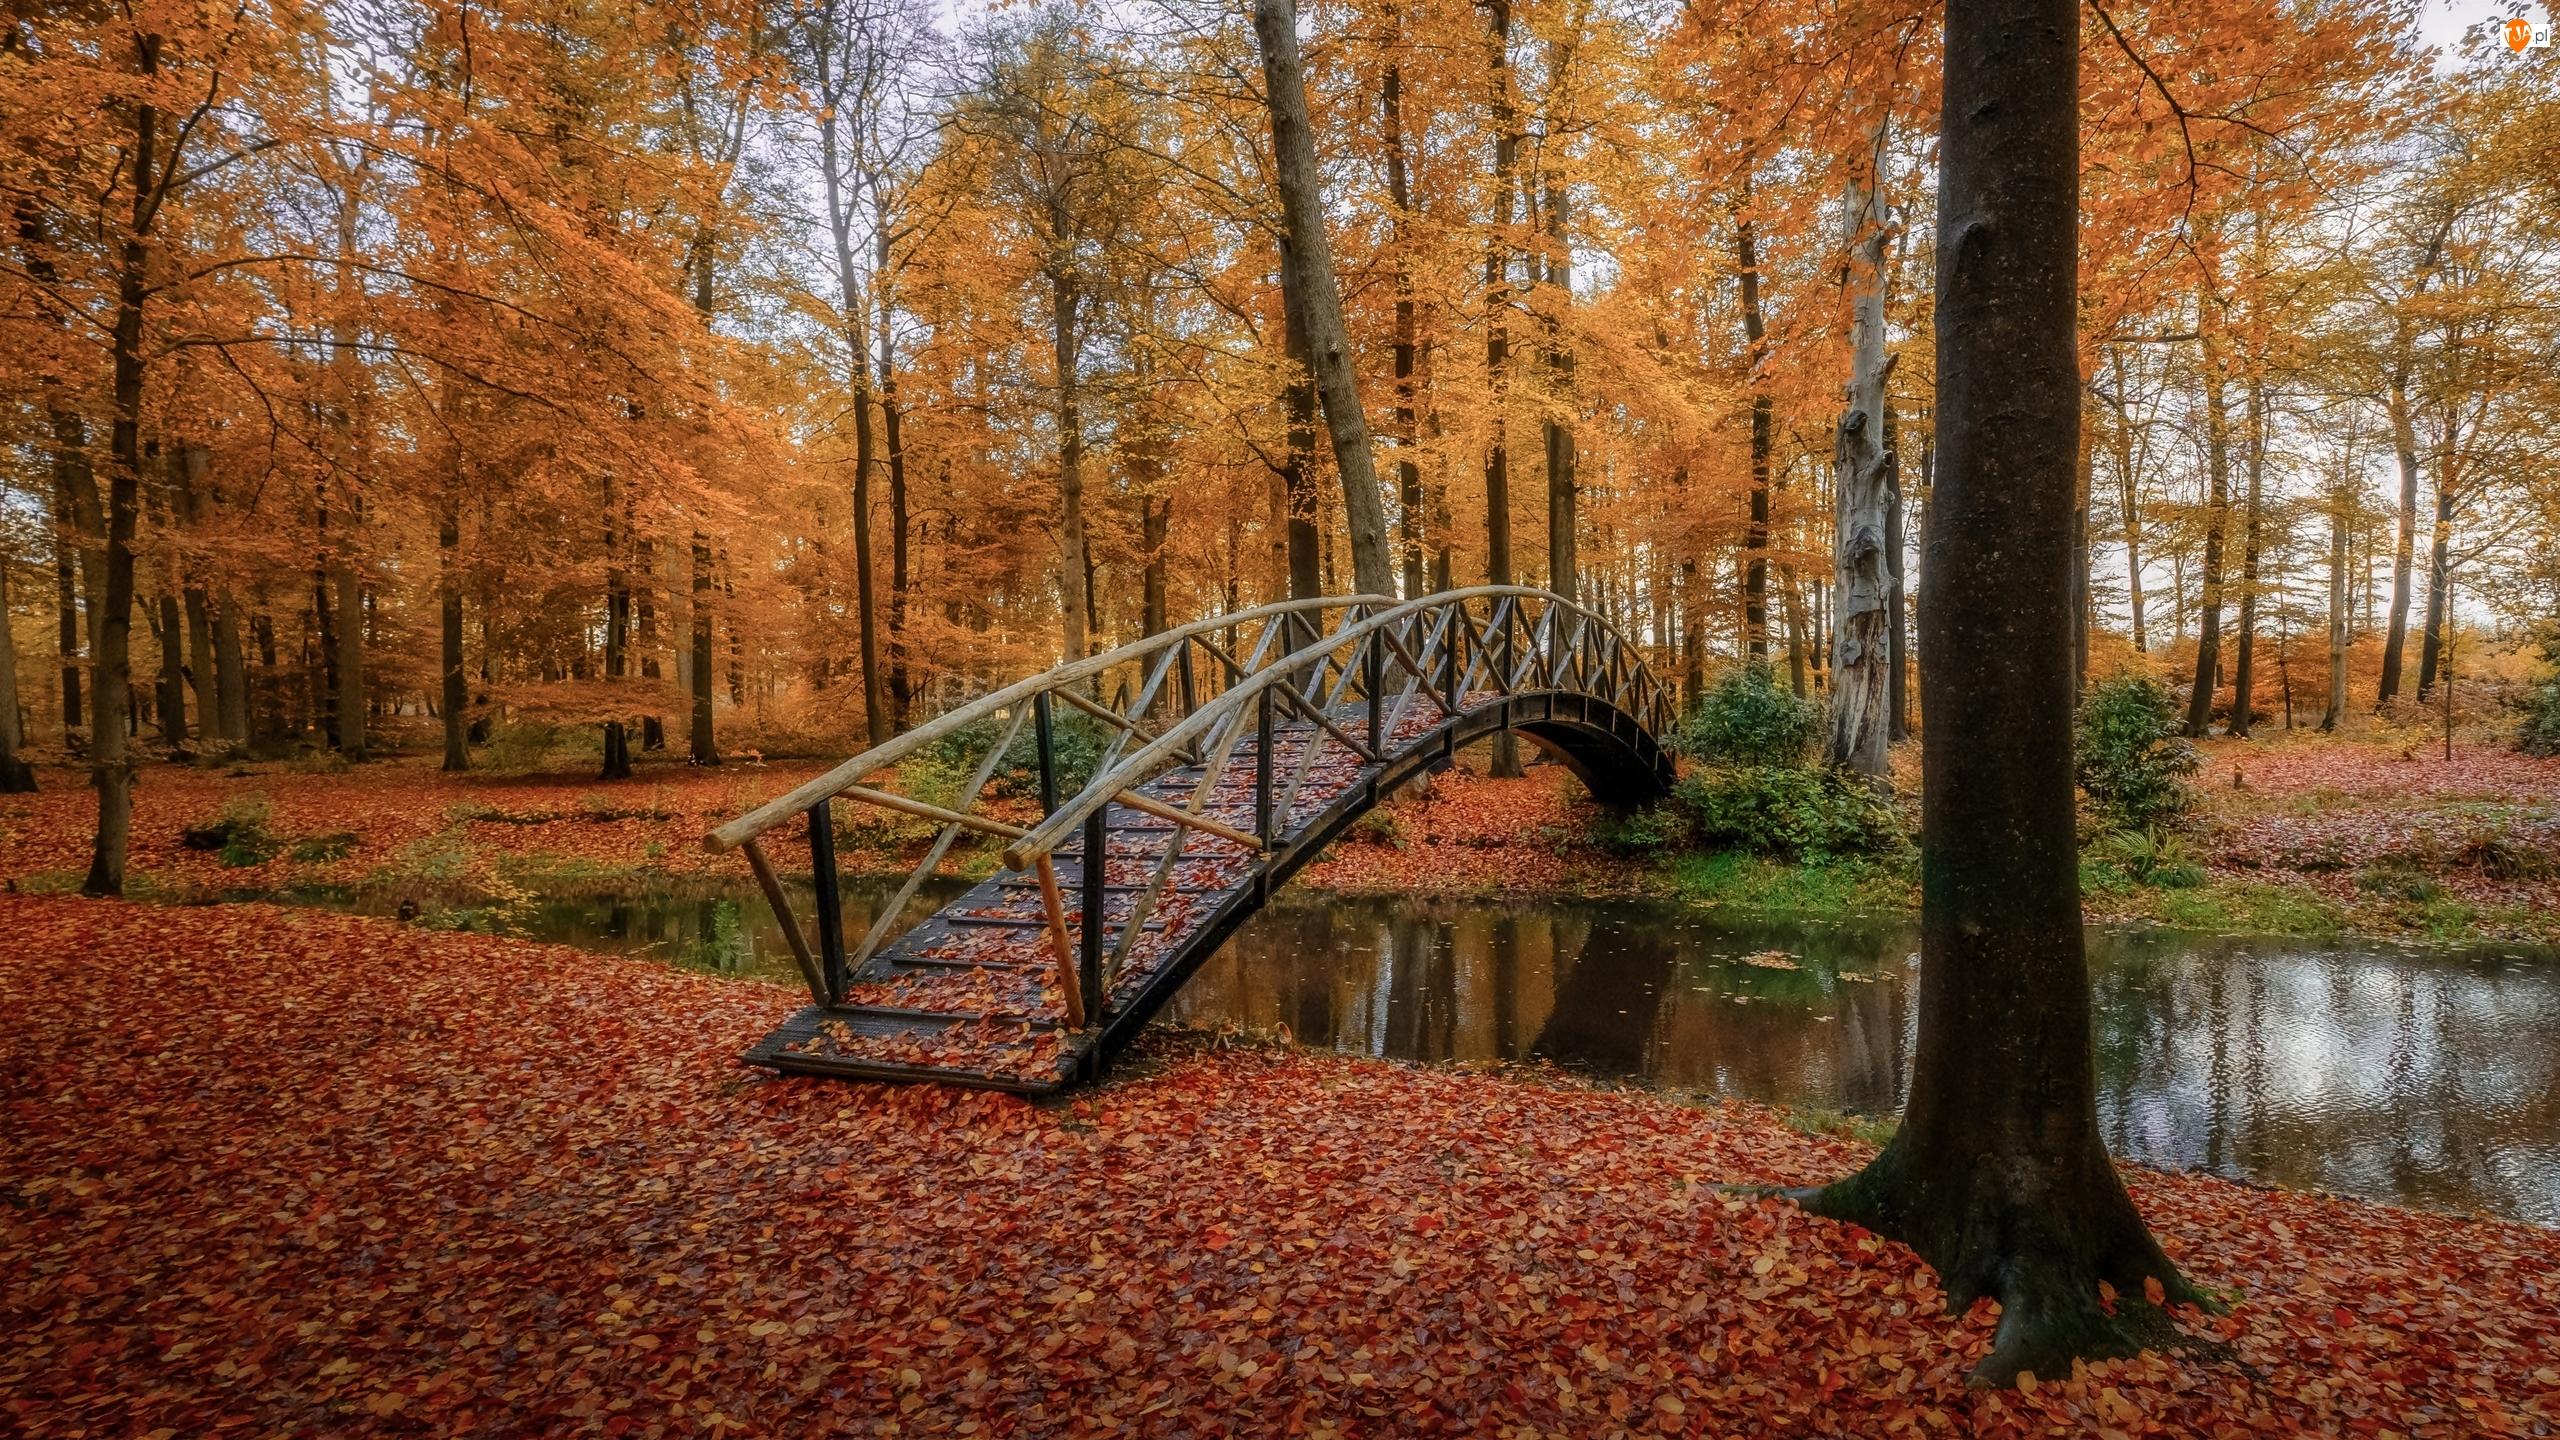 Rzeczka, Park, Drzewa, Jesień, Mostek, Liście